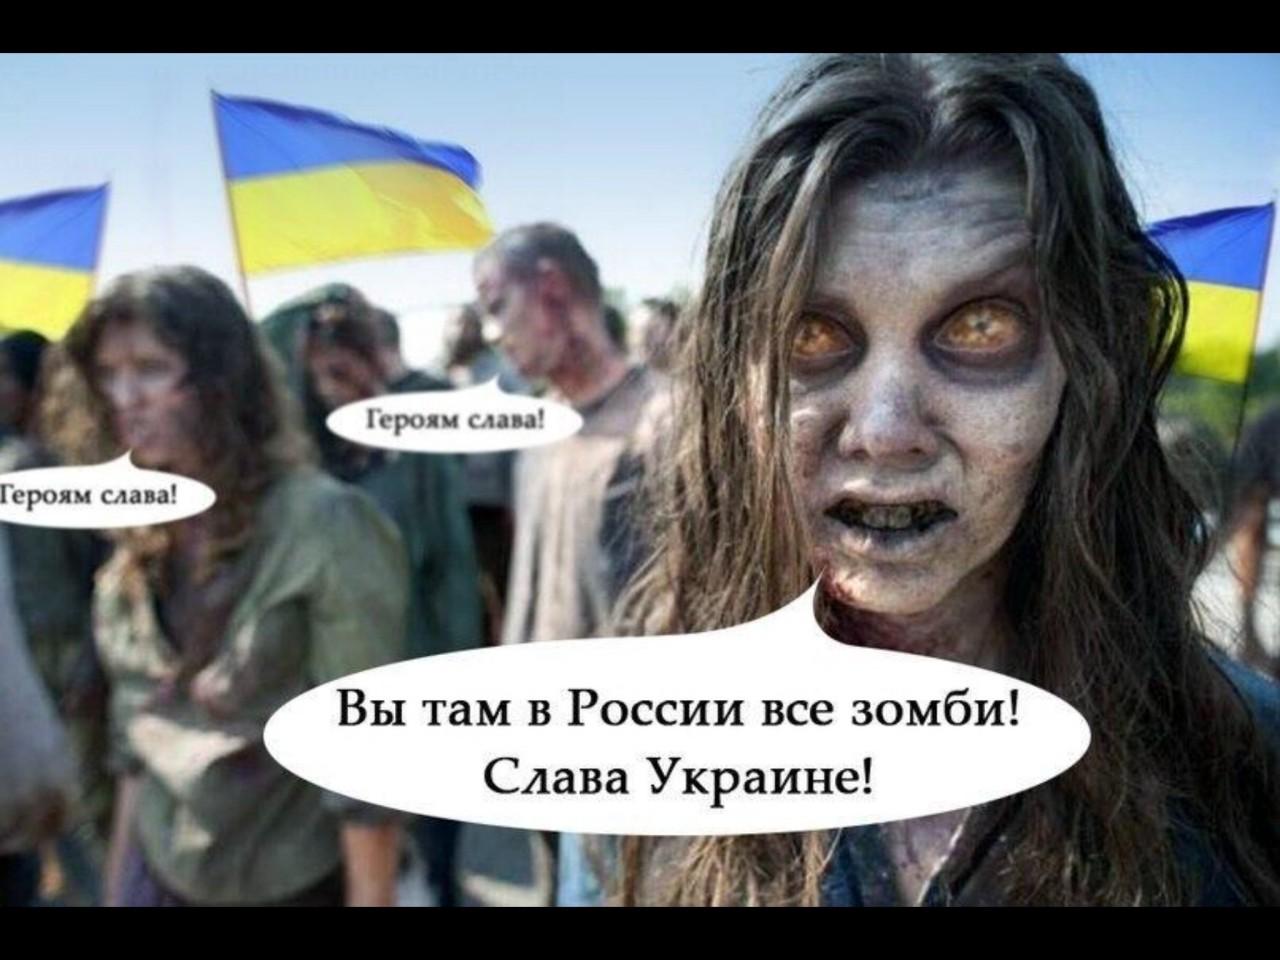 Дневник россиянки, которая заговорила на украинском или о том как становятся укрозомби)